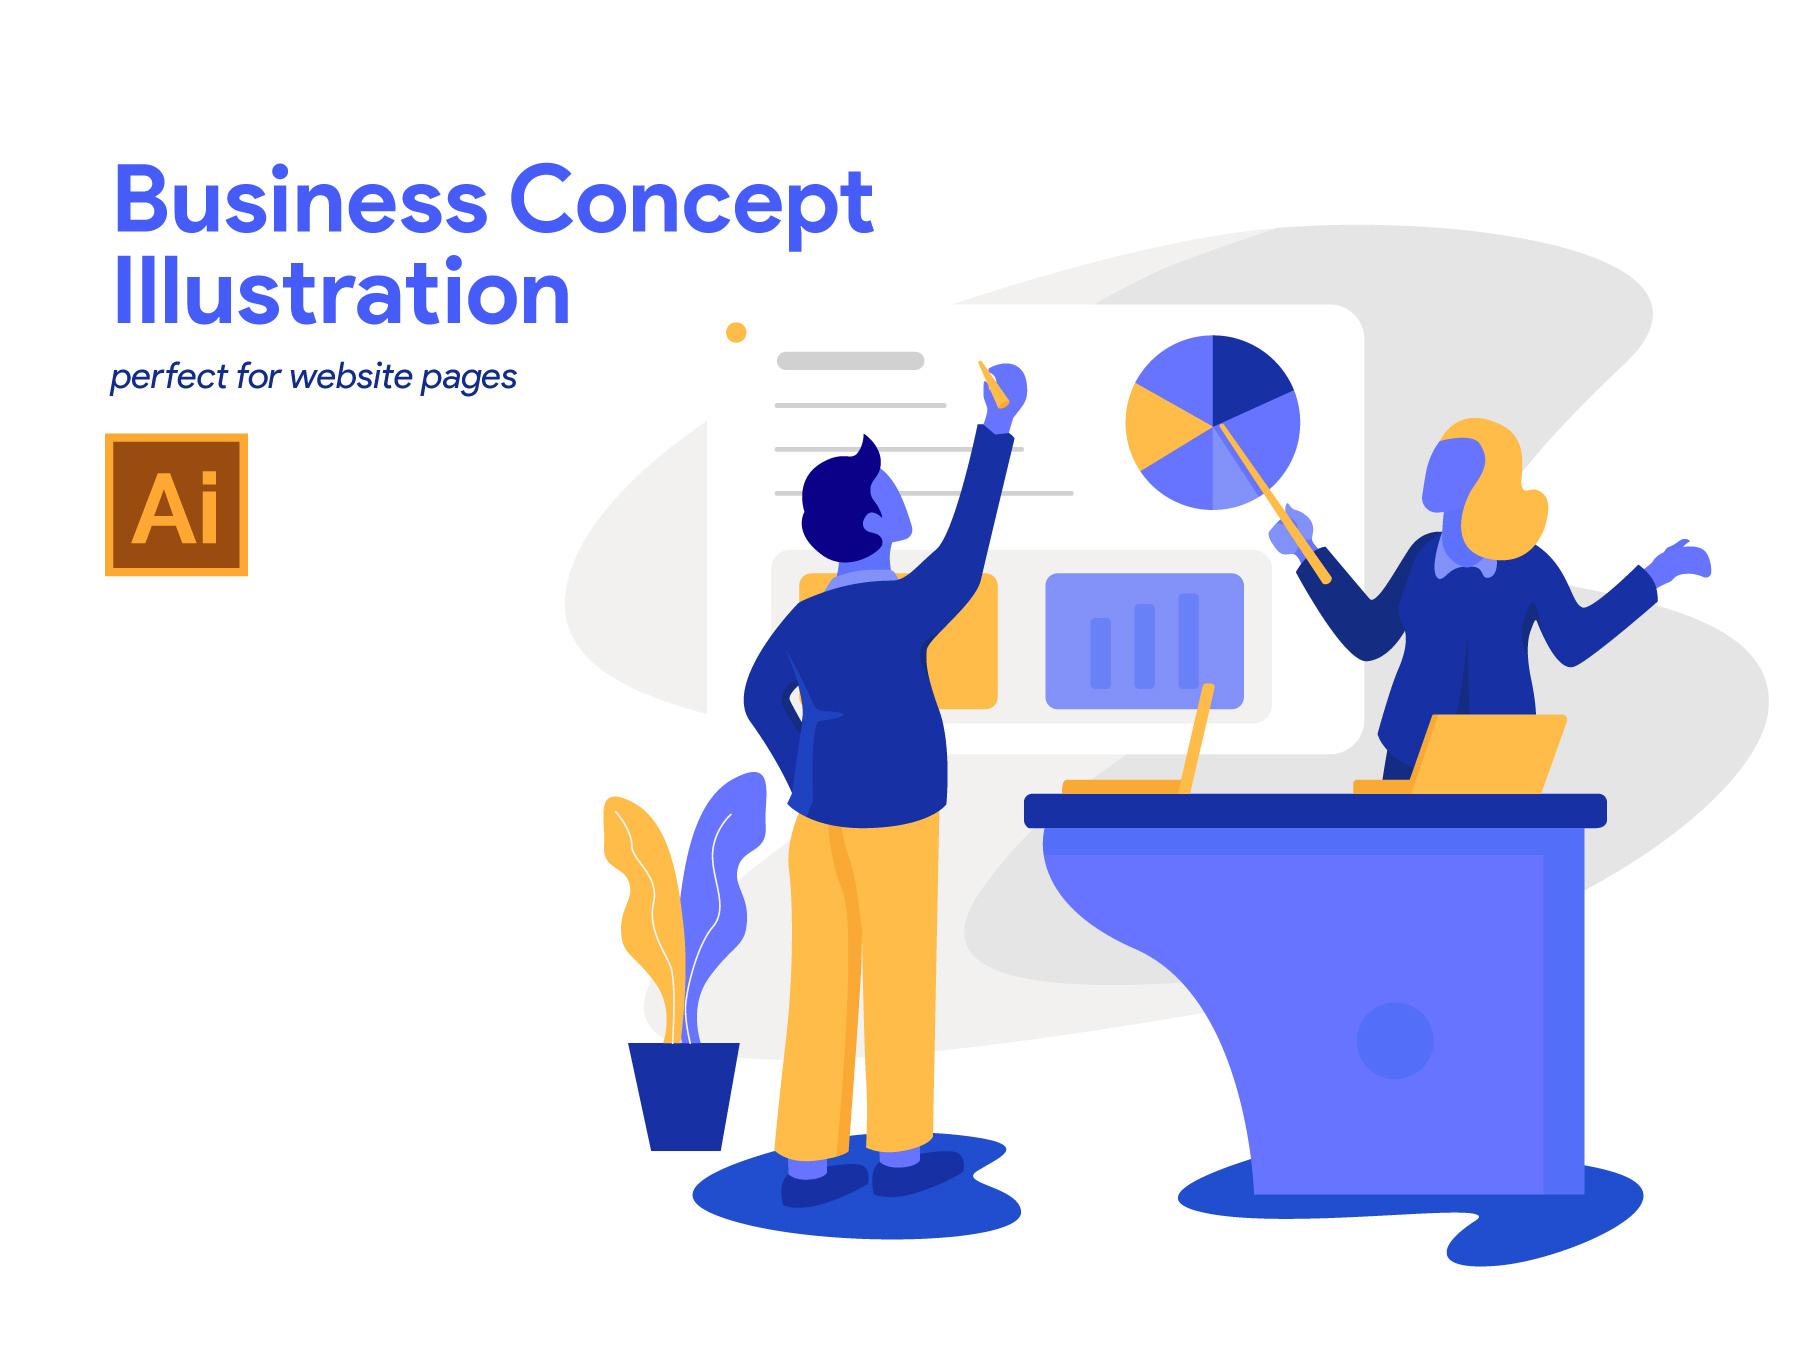 商业概念插画AI矢量图下载[Ai]设计素材模板